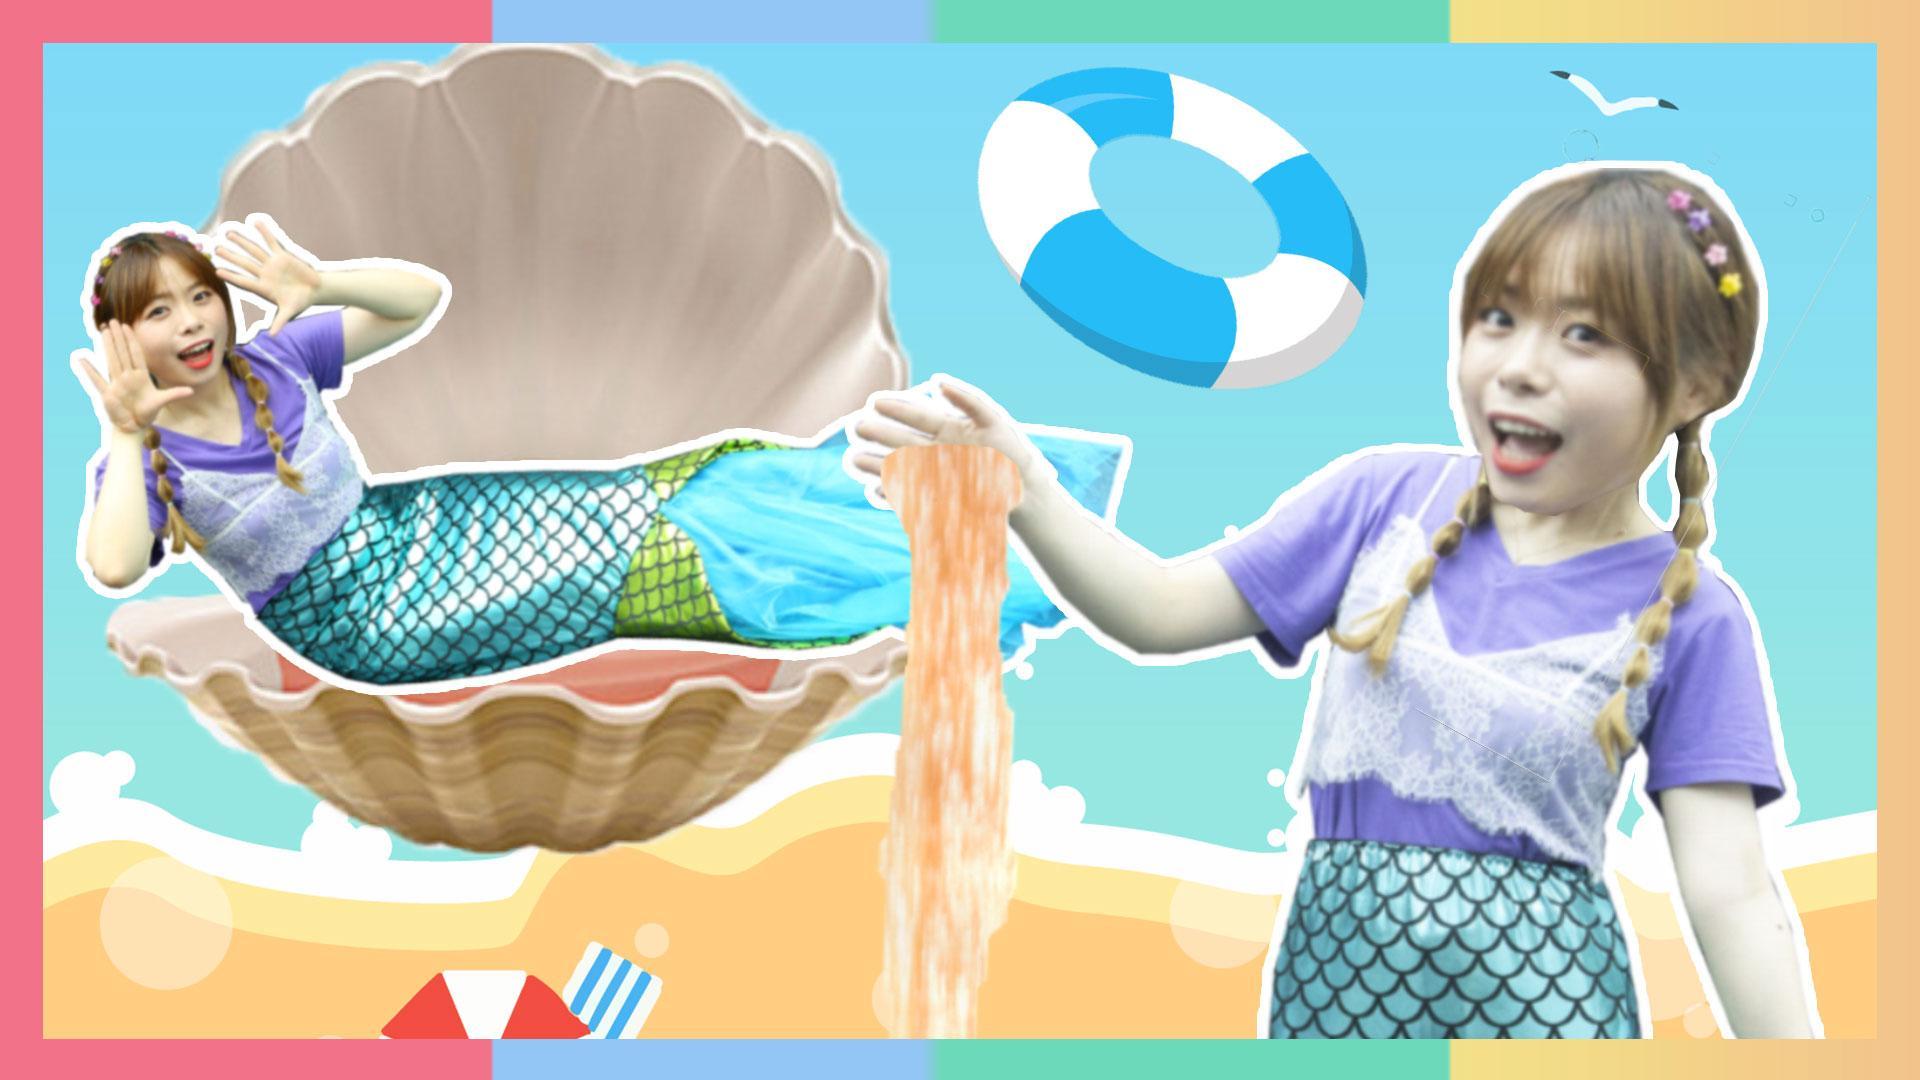 用神奇的彩色沙子给人鱼公主重建城堡吧!| 凯利和玩具朋友们 CarrieAndToys